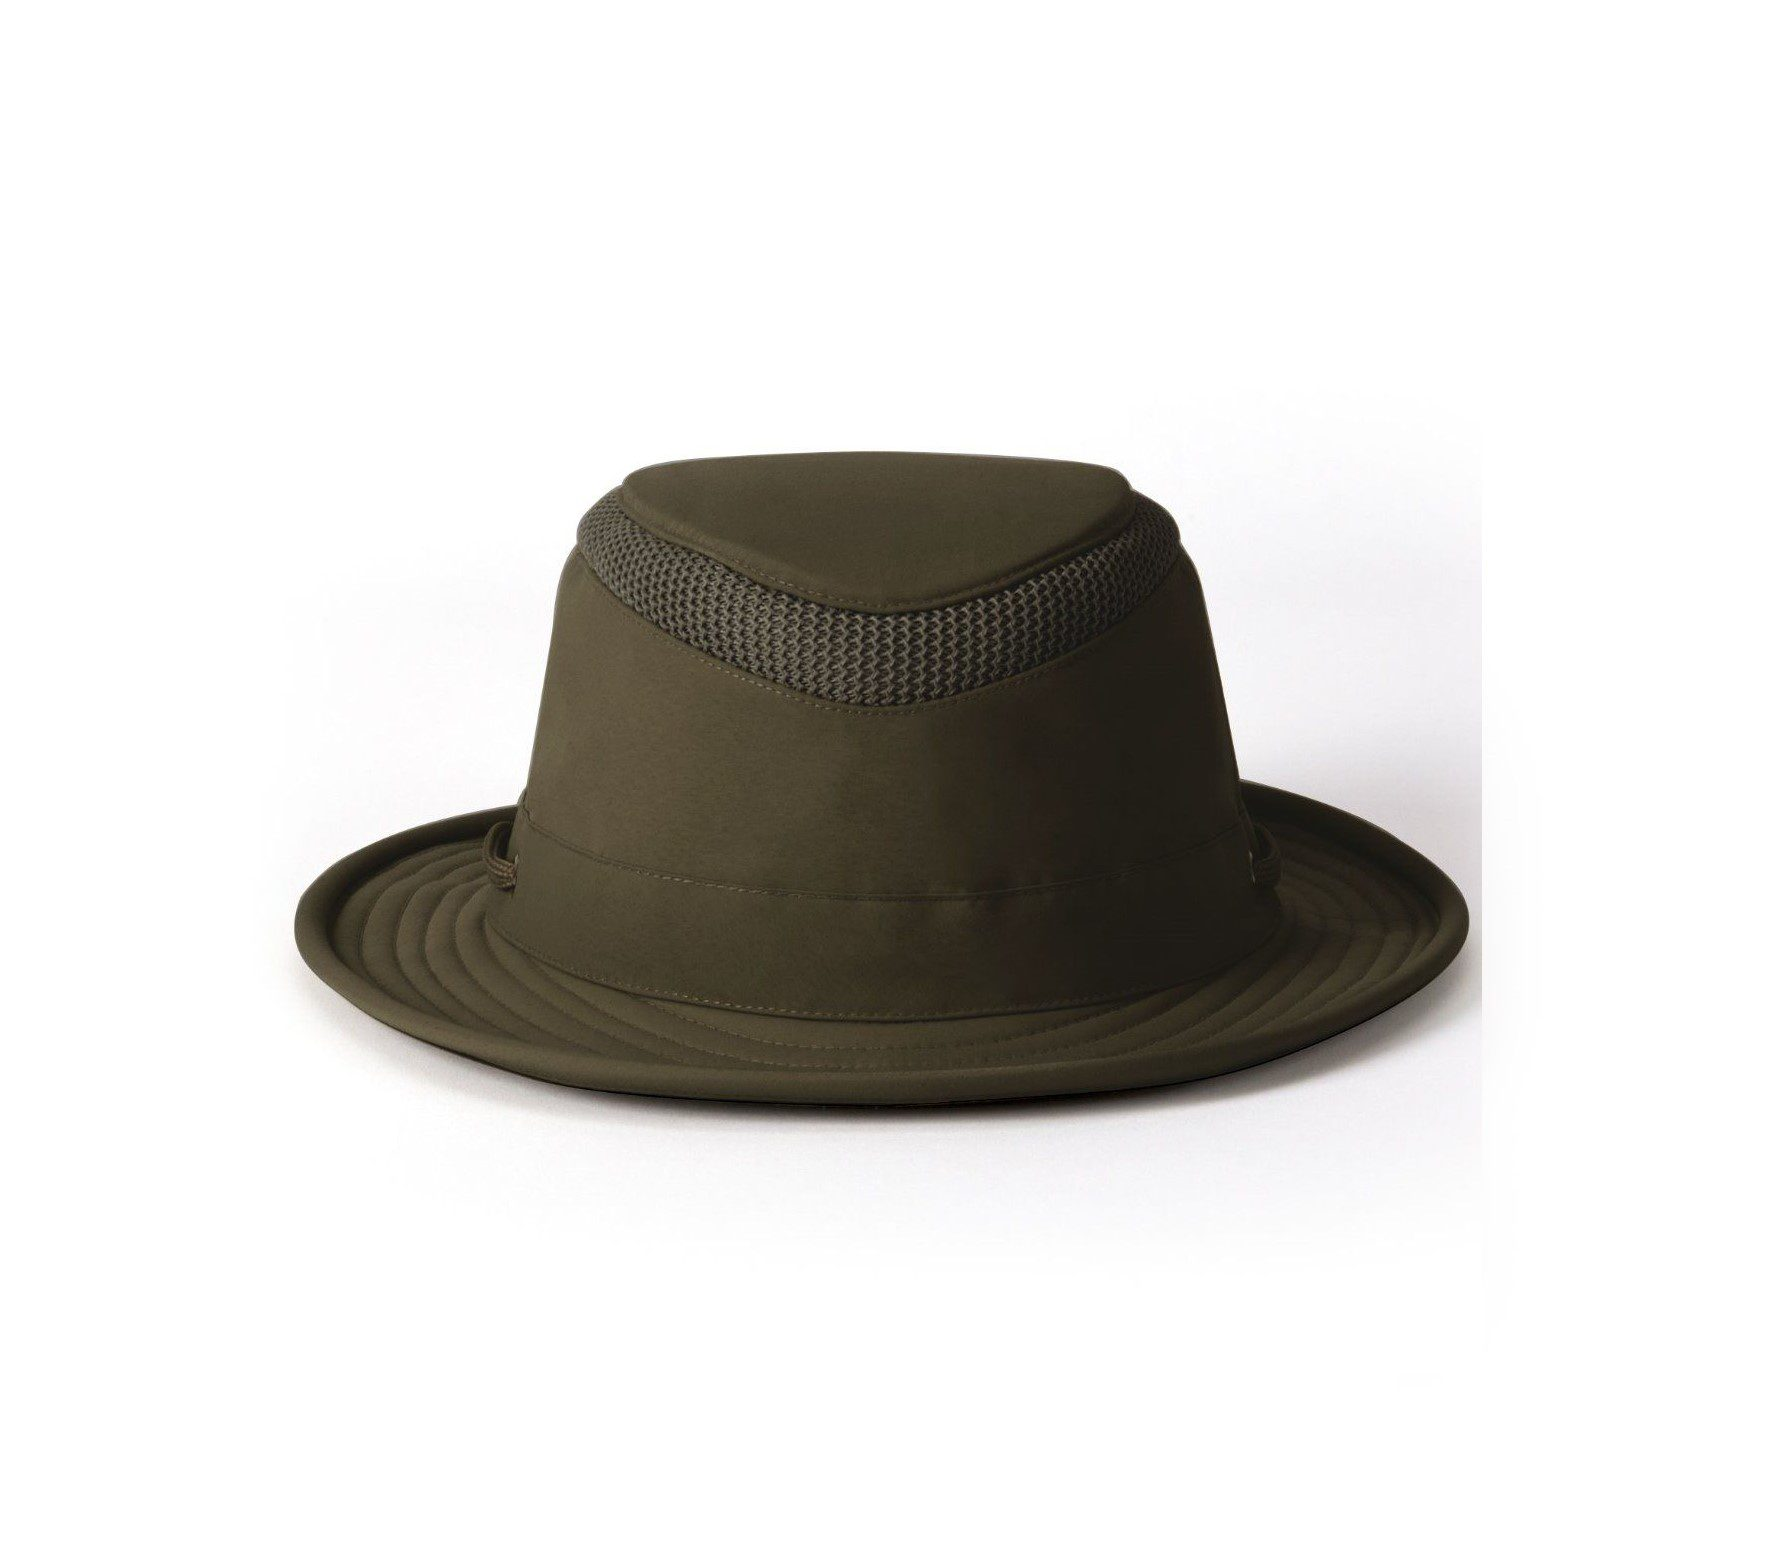 Tilley LTM5 Airflo Hat - Olive